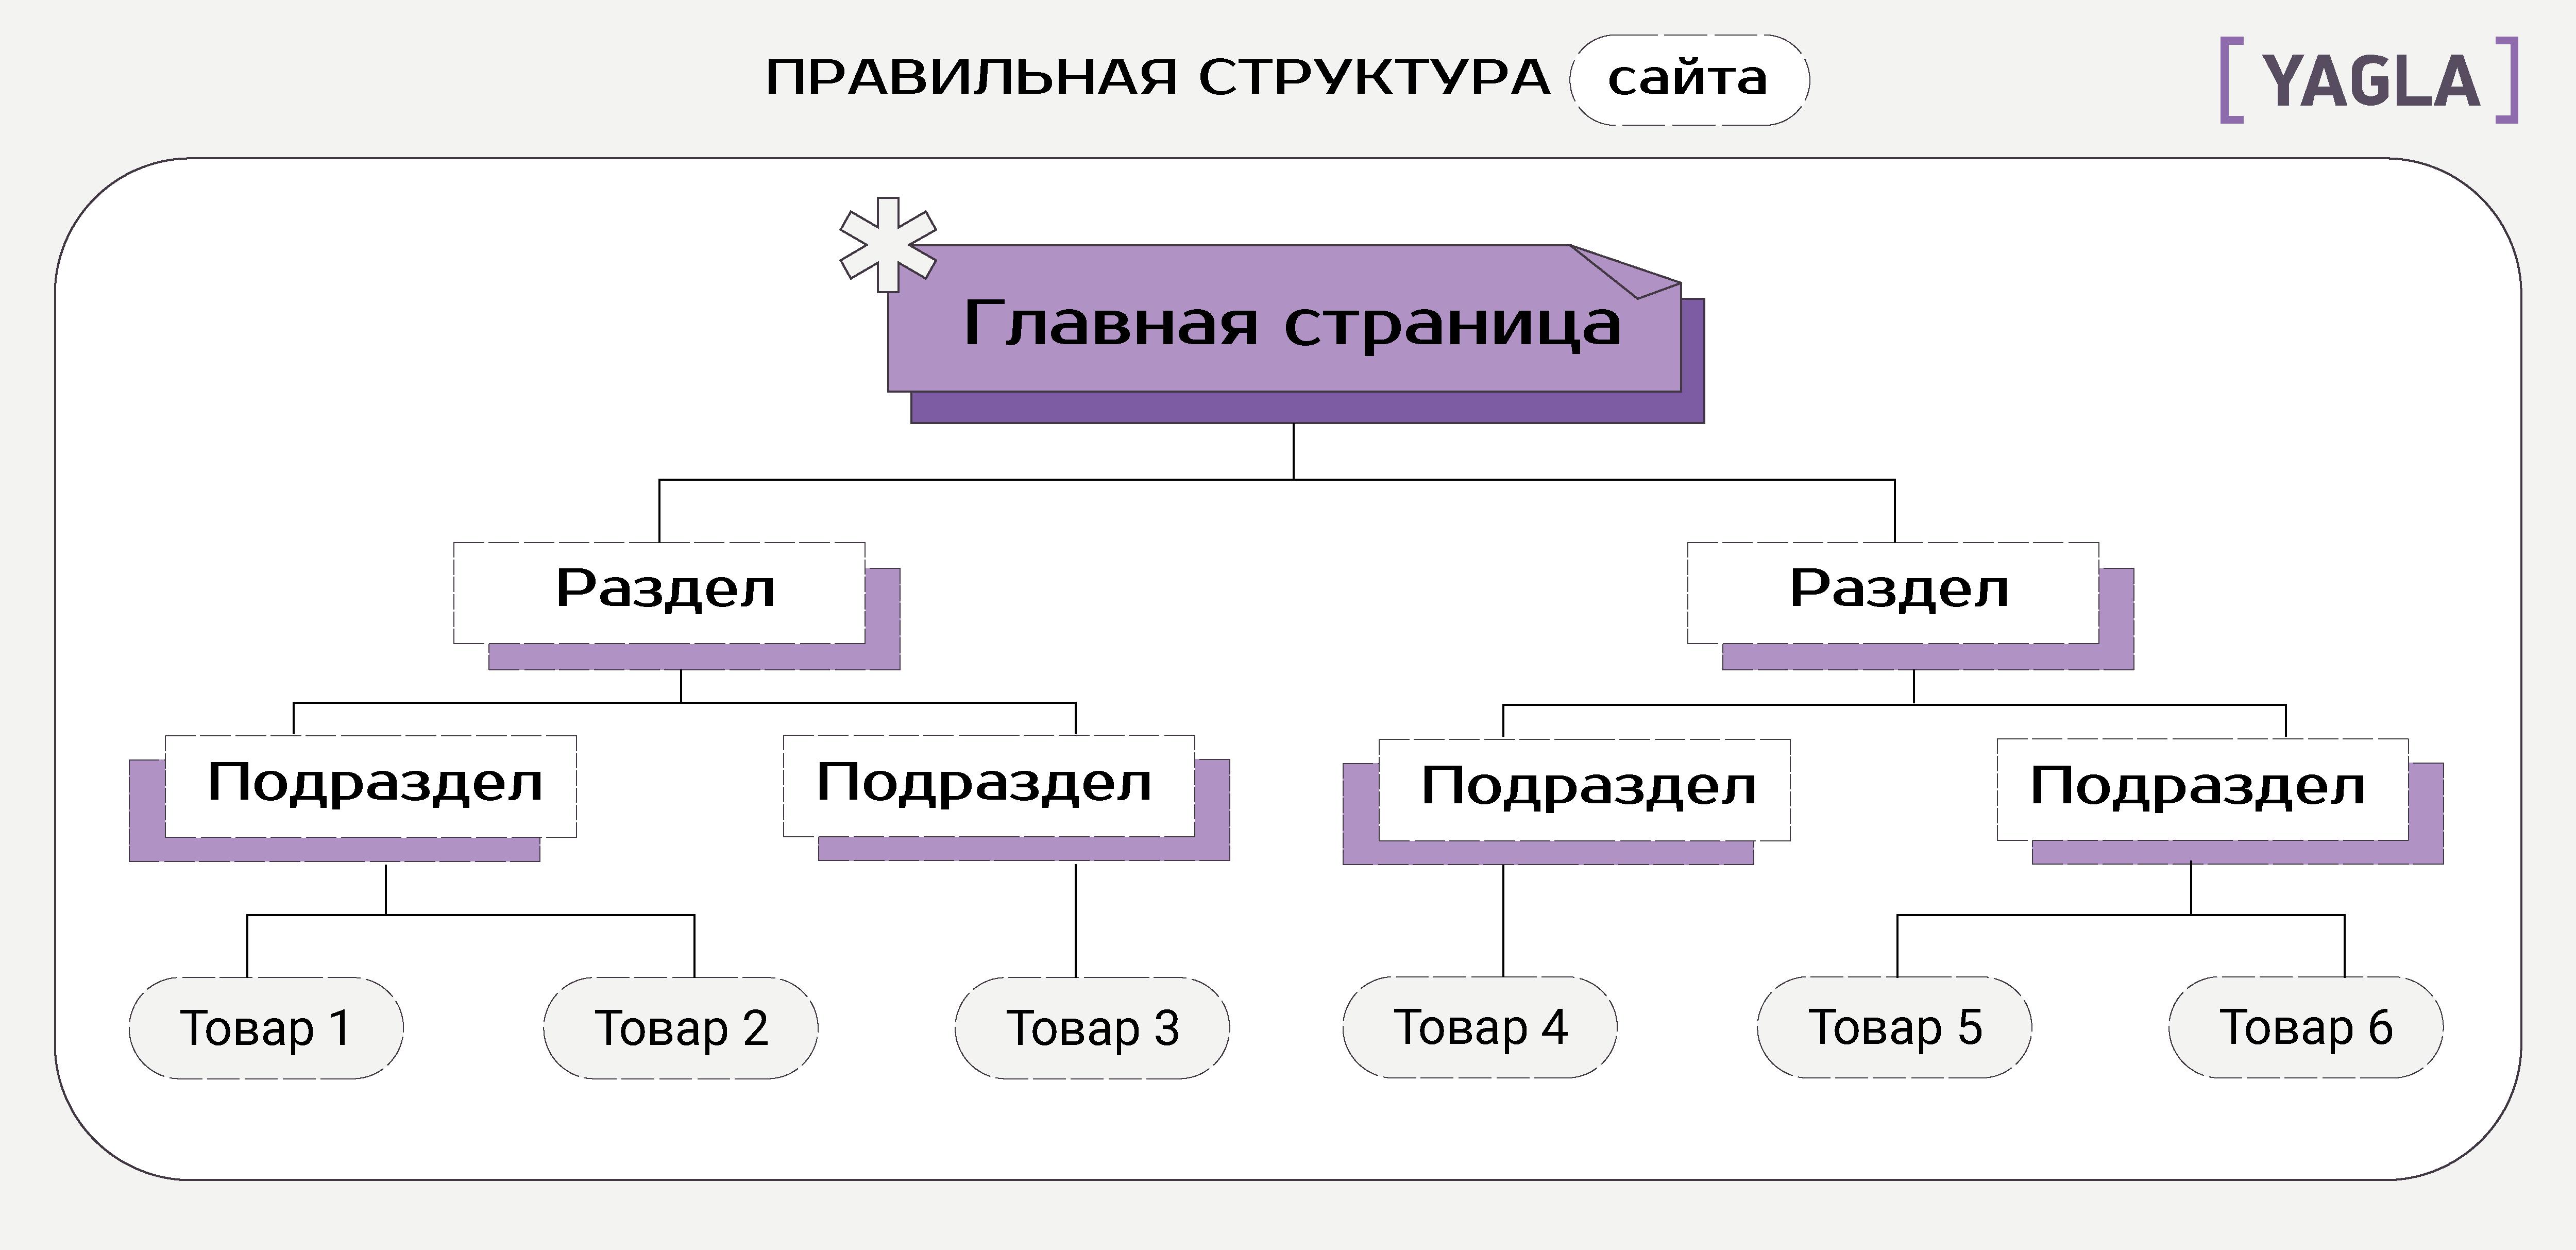 Правильная структура сайта